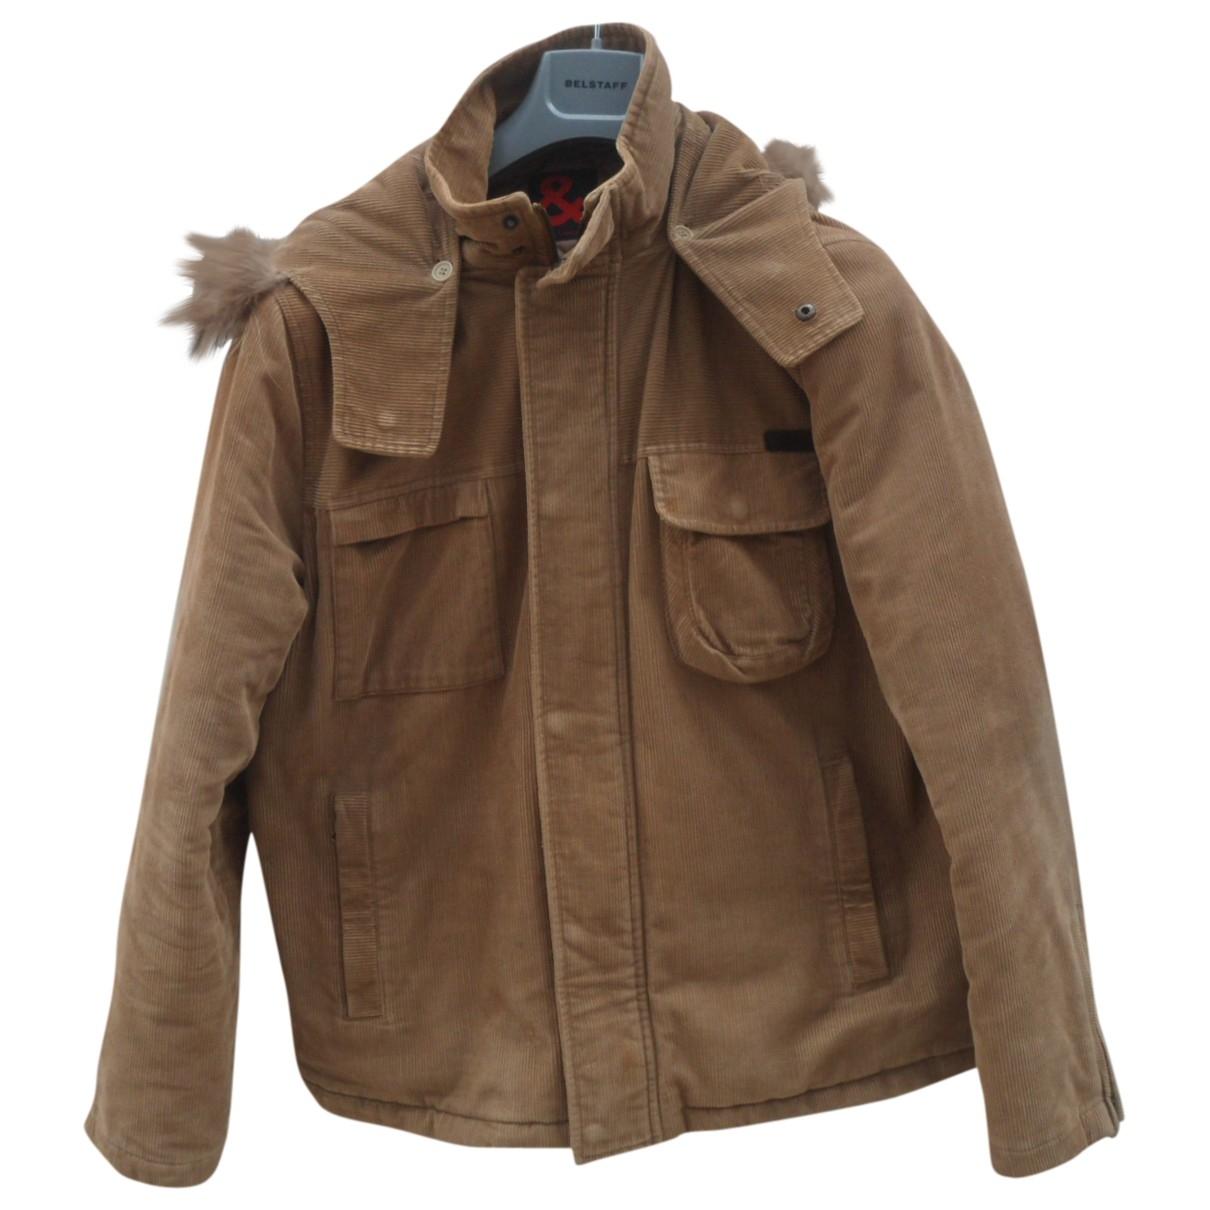 D&g - Manteau   pour homme en velours - beige